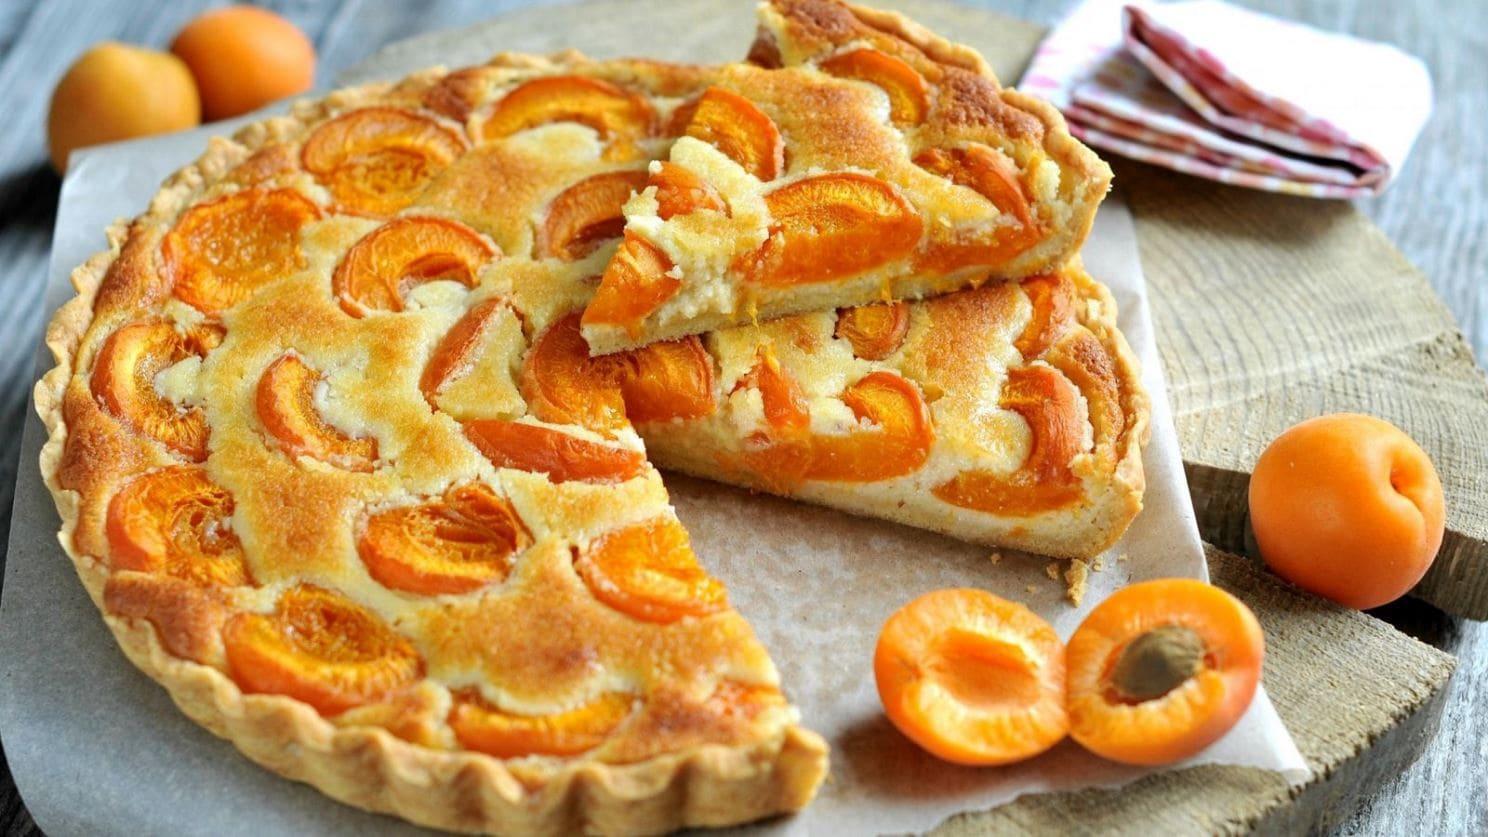 Холодной зимой вкуснейший пирог с абрикосами будет очень кстати